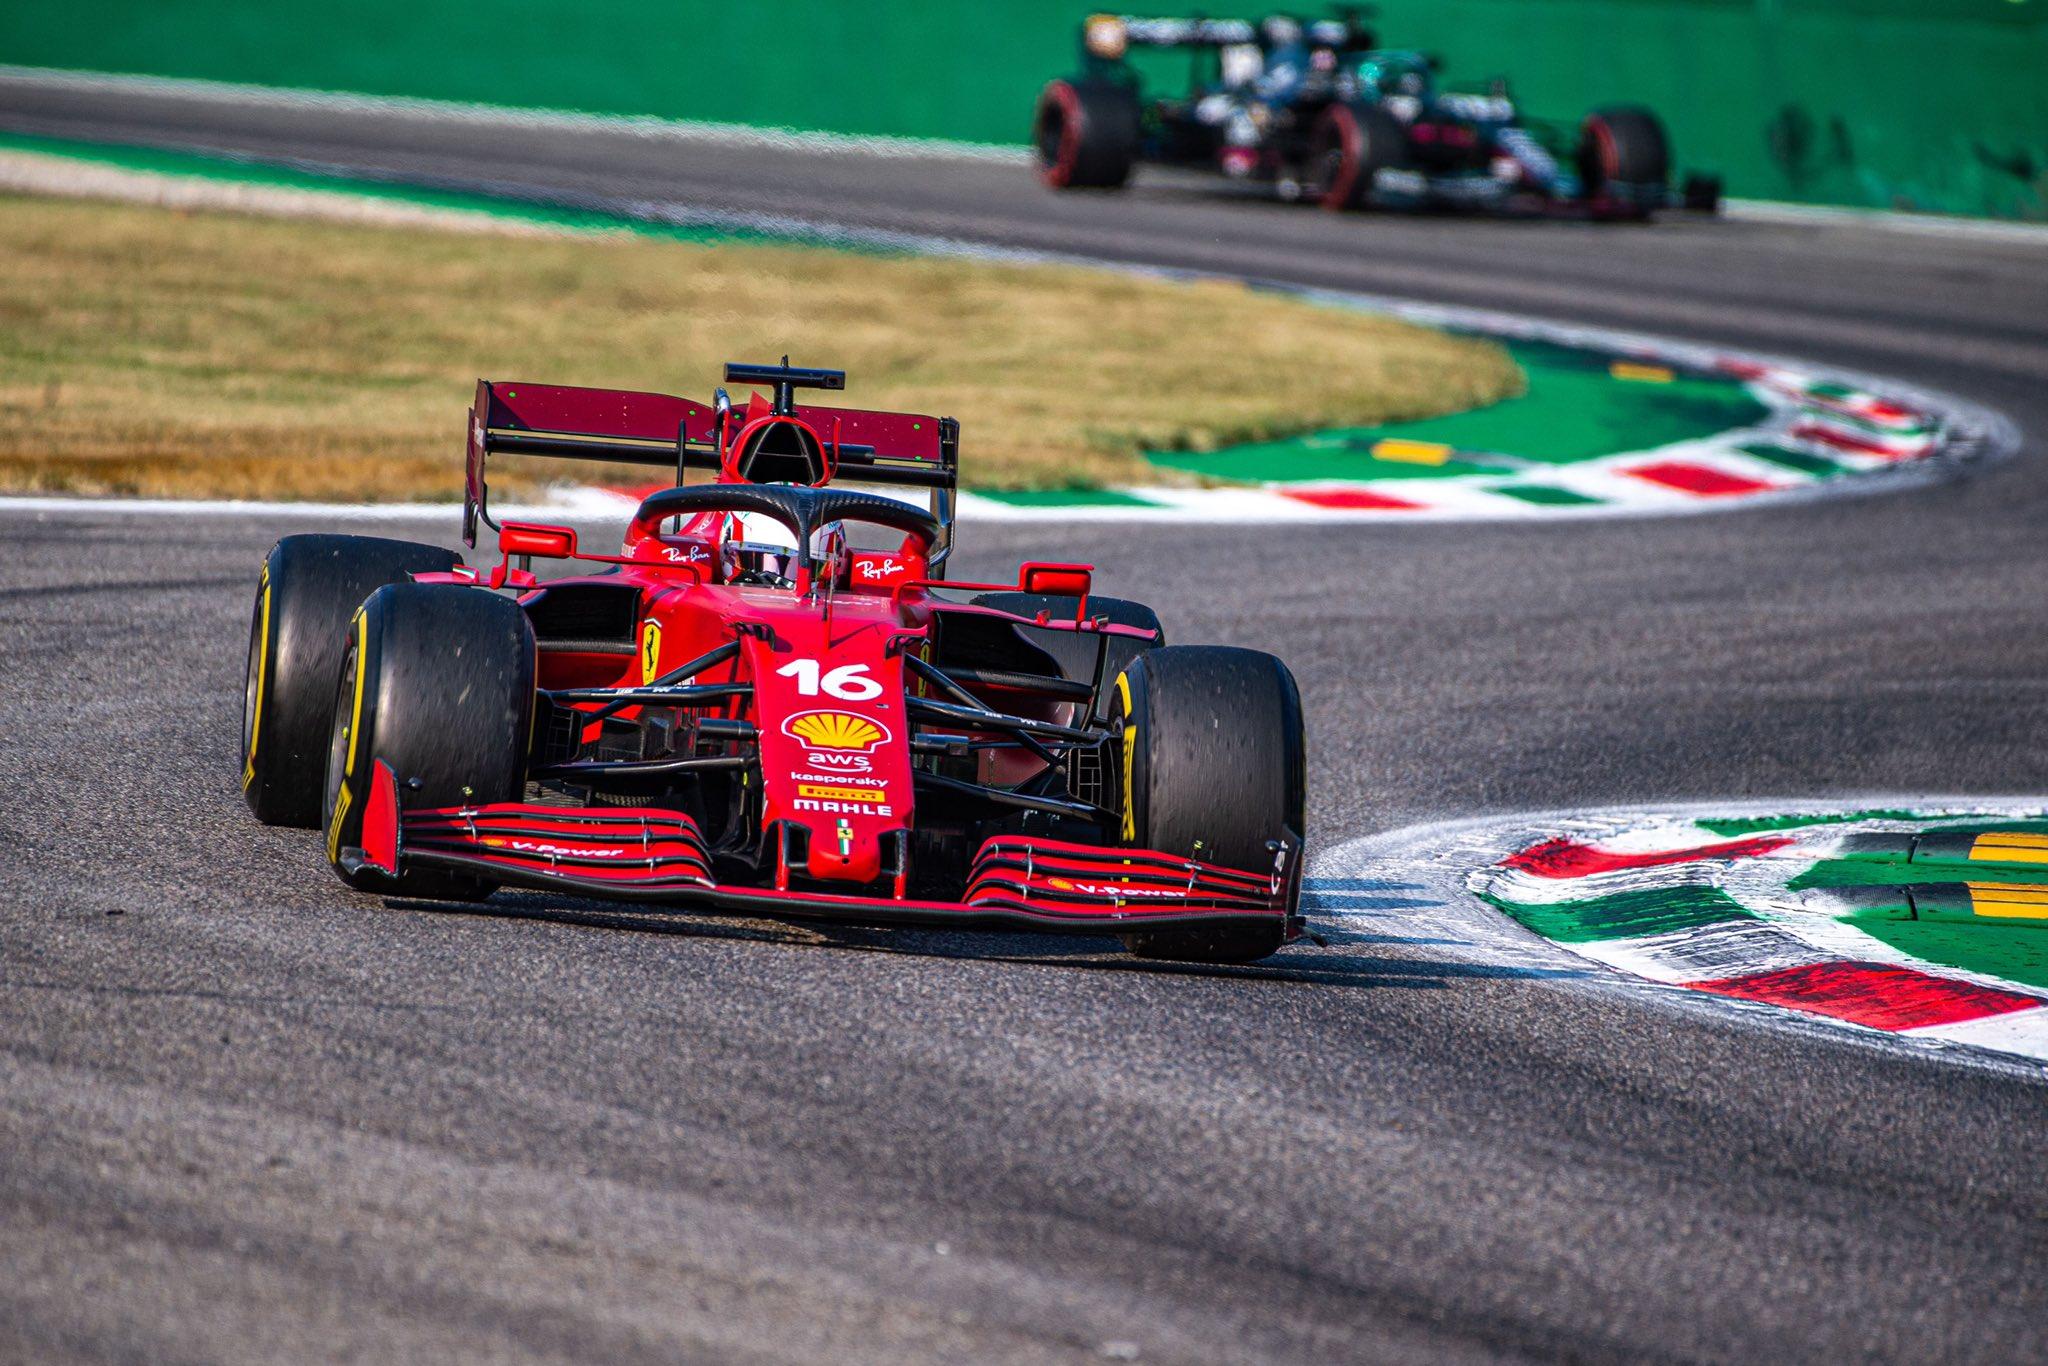 F1 - Ferrari remonte le moteur du vendredi dans la monoplace de Leclerc